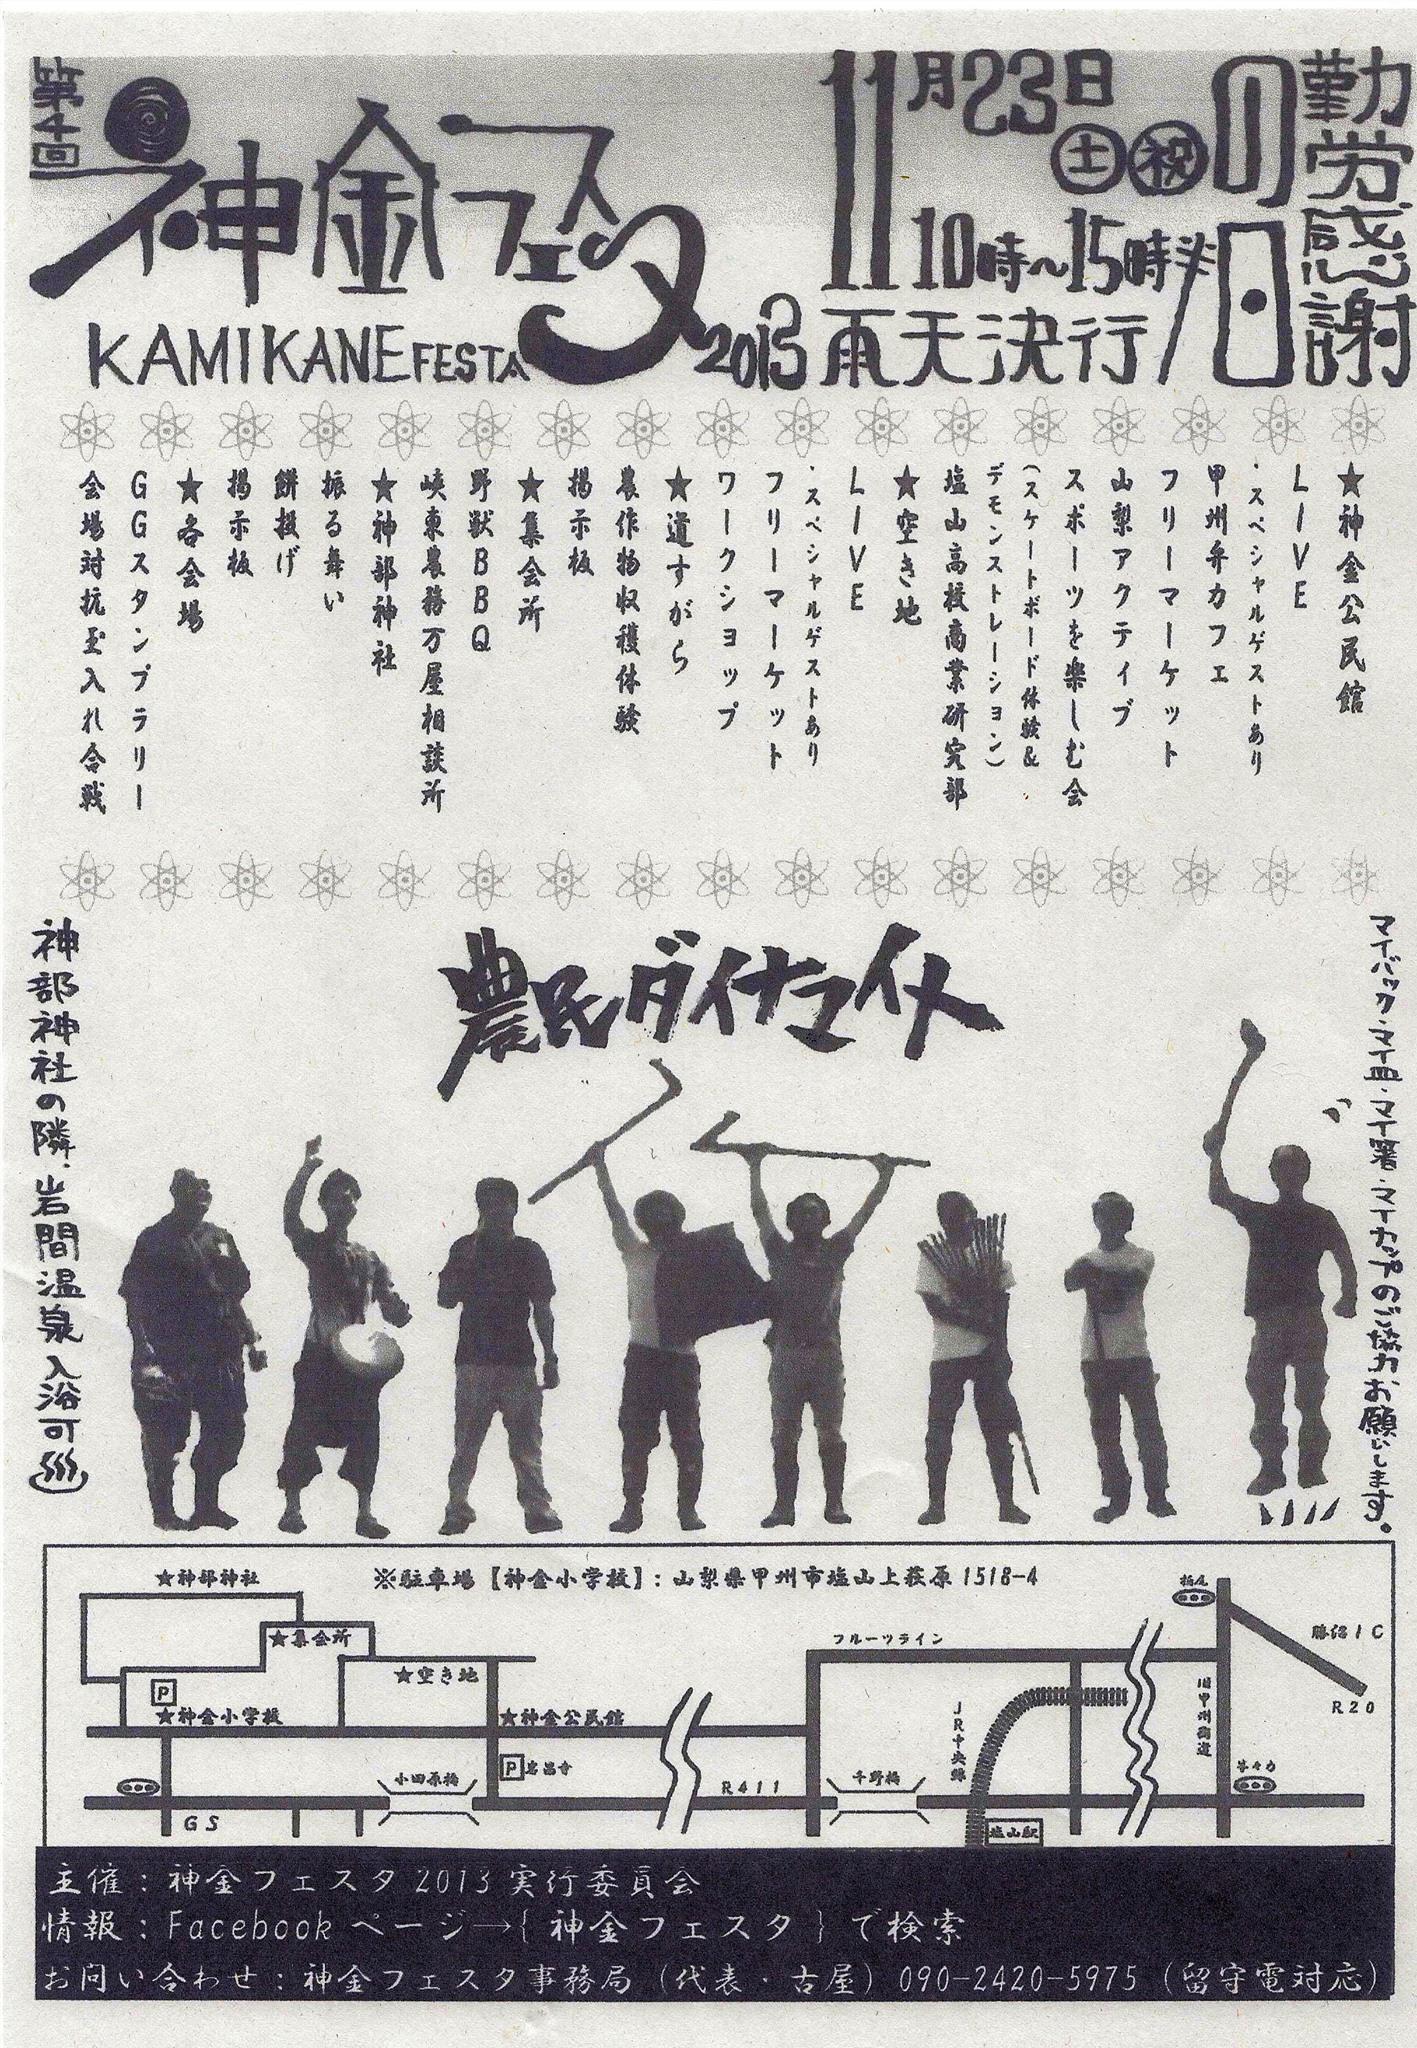 2013/11/23 神金フェスタ